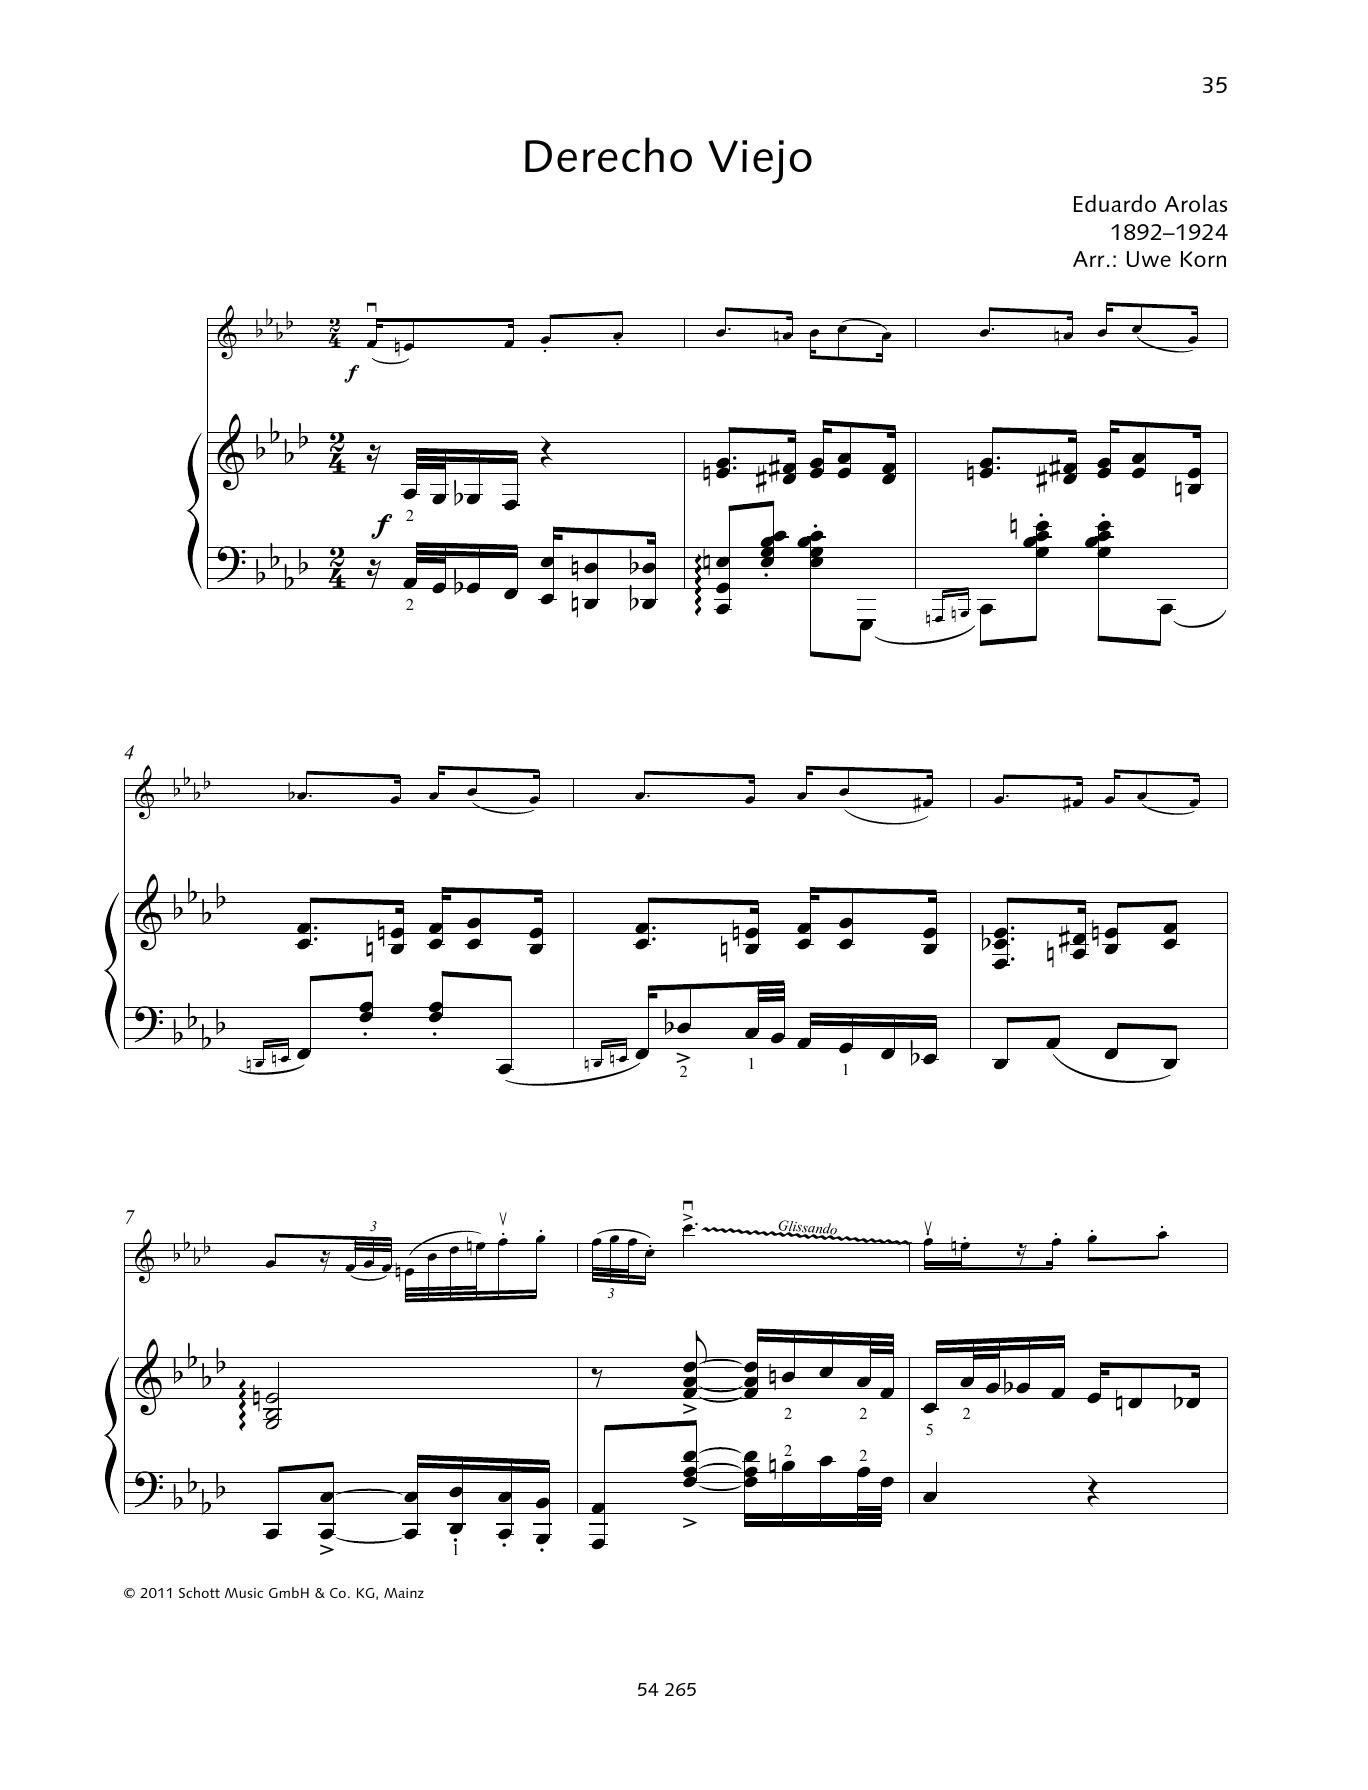 Derecho Viejo Sheet Music